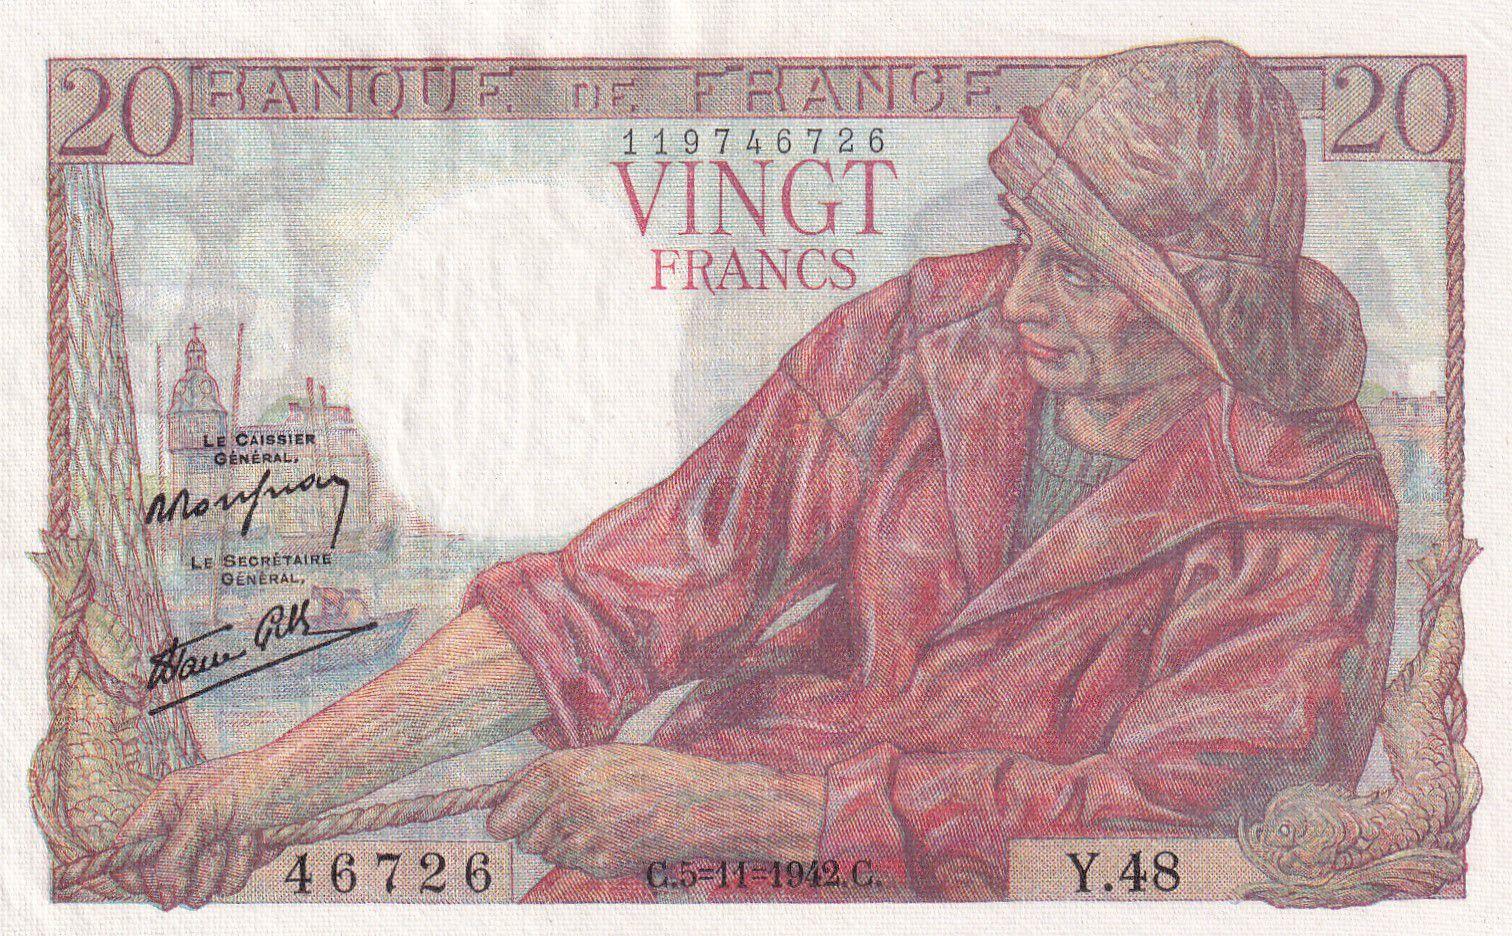 France 20 Francs Pêcheur 05-11-1942 - Série Y.48 - SUP